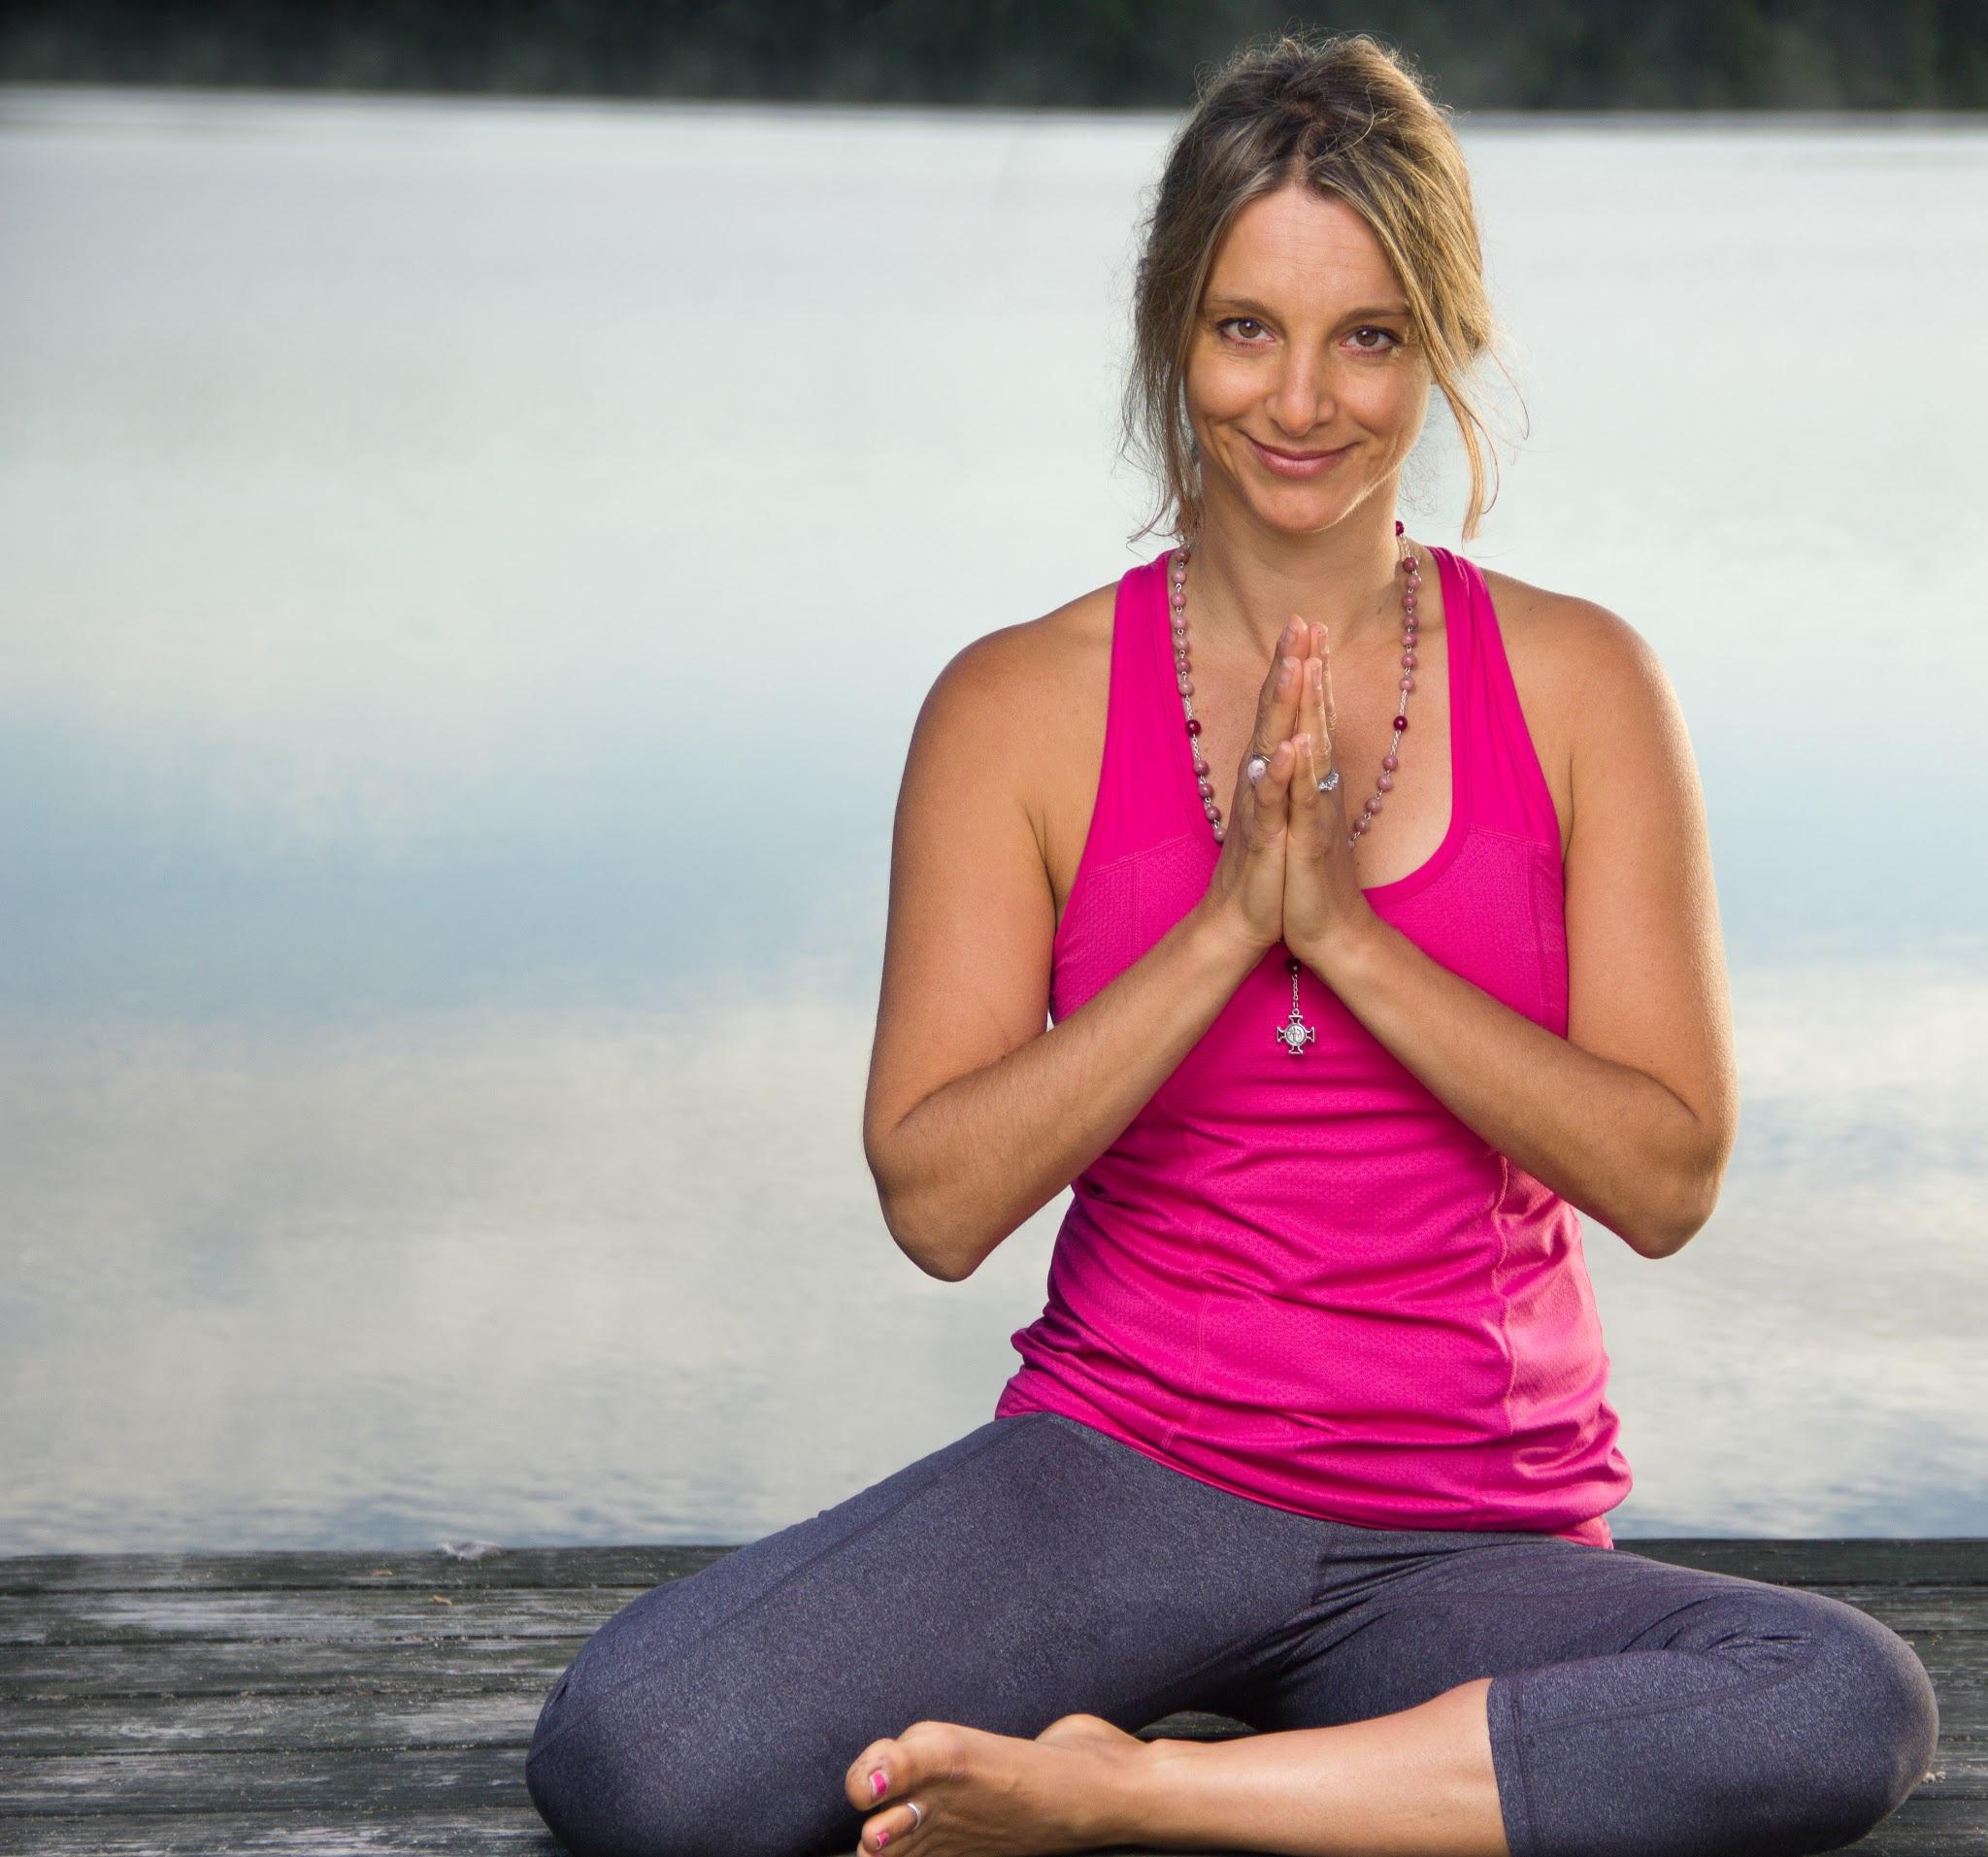 Sheri+Yoga+for+Social.jpg